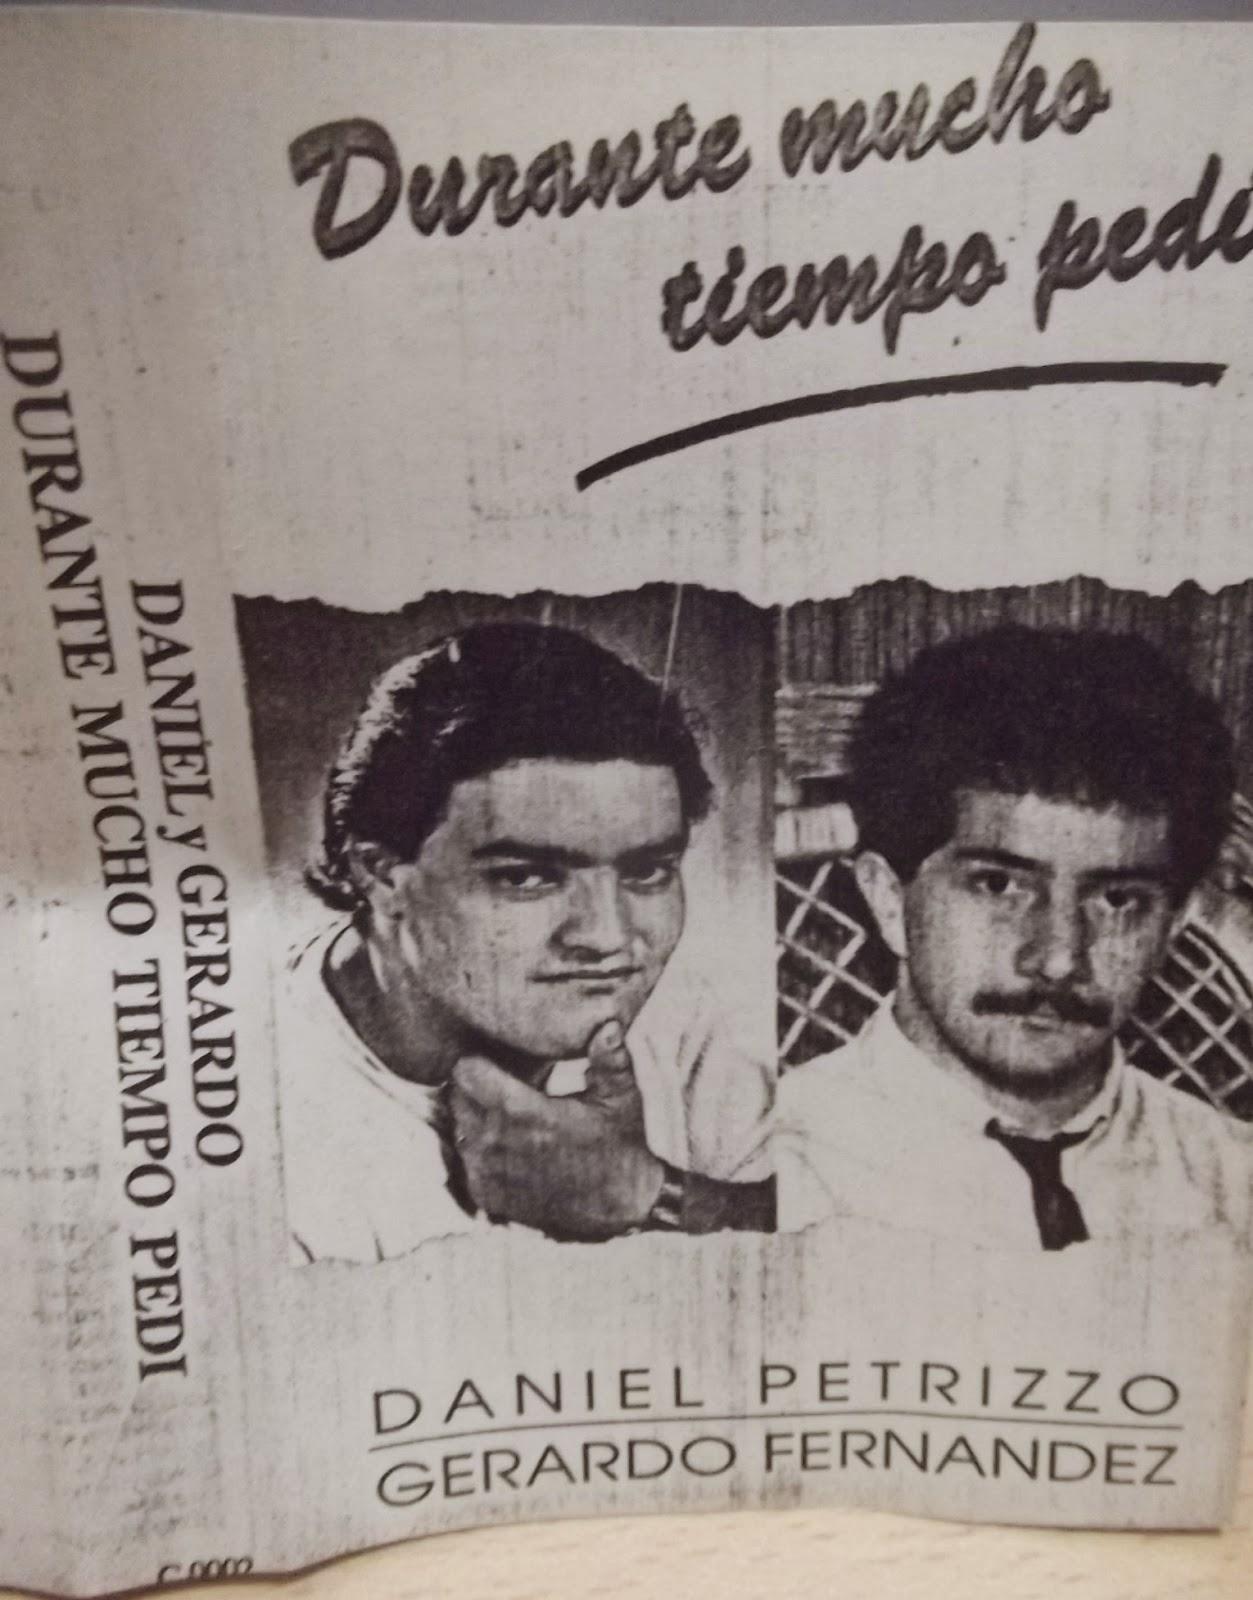 Daniel Petrizzo y Gerardo Fernández-Durante Mucho Tiempo Pedí-